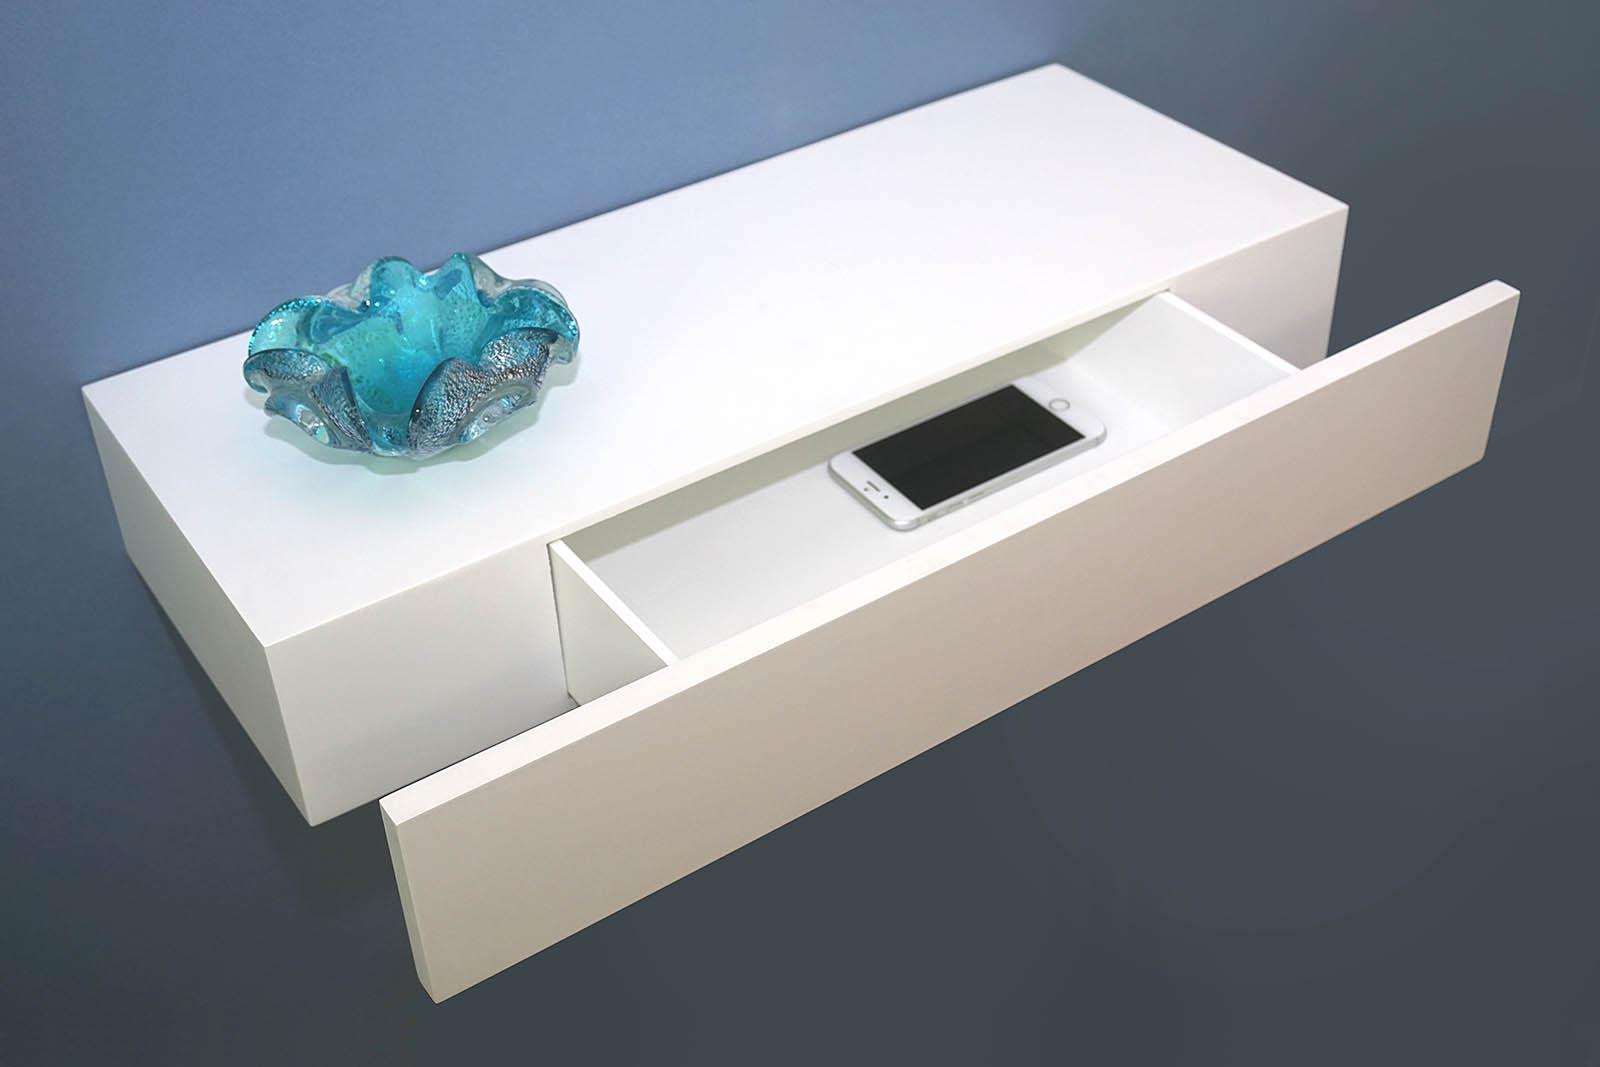 Floating Shelf With Drawer 600x250x100mm Topshelf